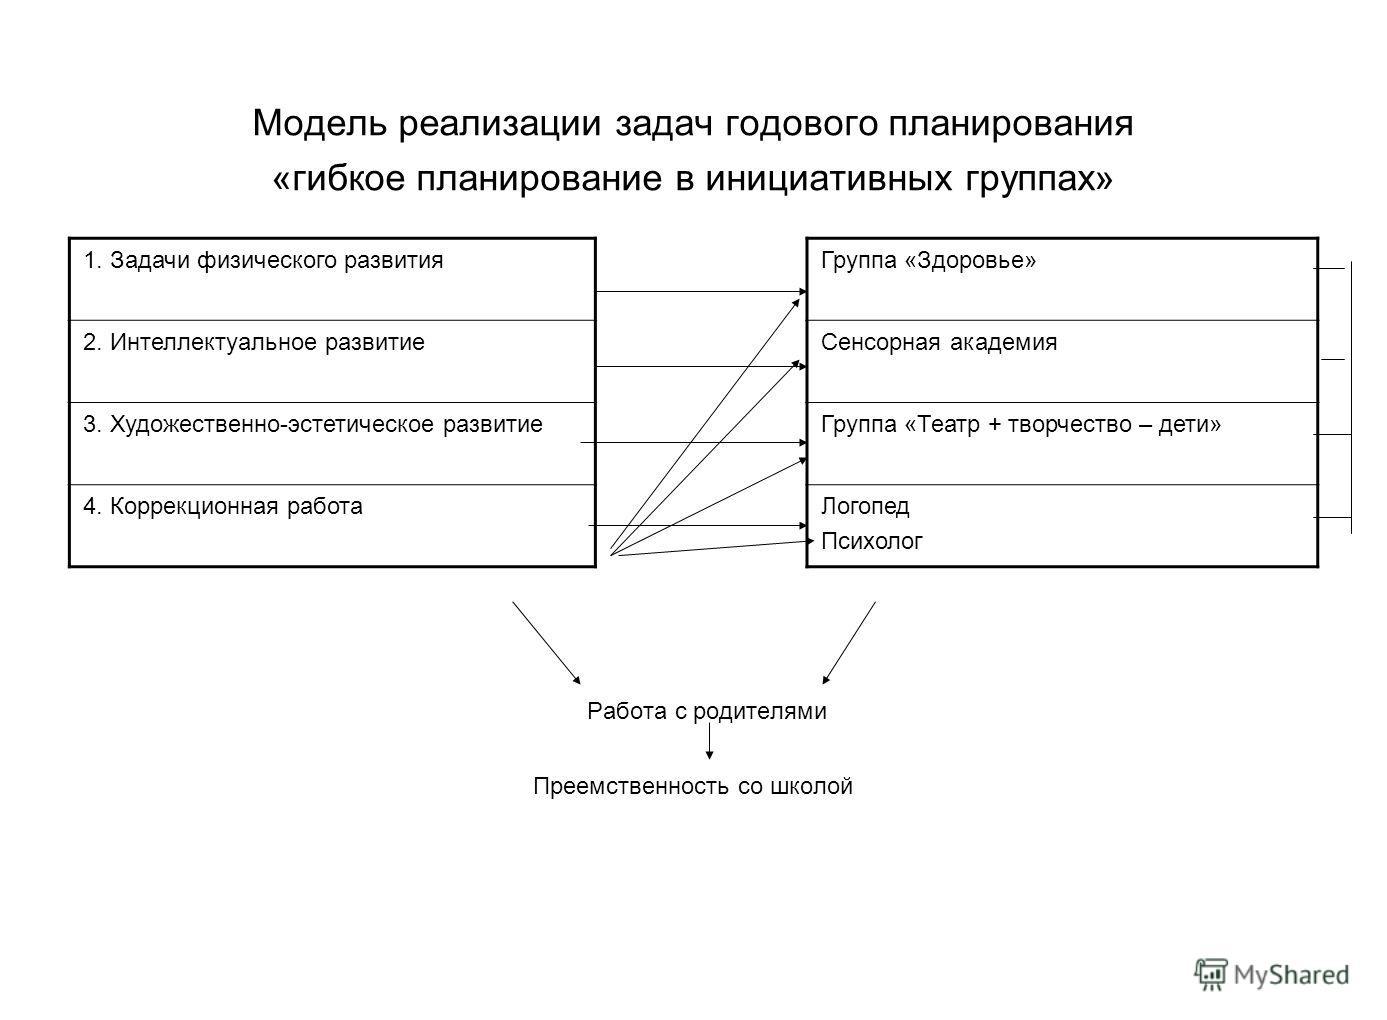 Модель реализации задач годового планирования «гибкое планирование в инициативных группах» 1. Задачи физического развития 2. Интеллектуальное развитие 3. Художественно-эстетическое развитие 4. Коррекционная работа Группа «Здоровье» Сенсорная академия